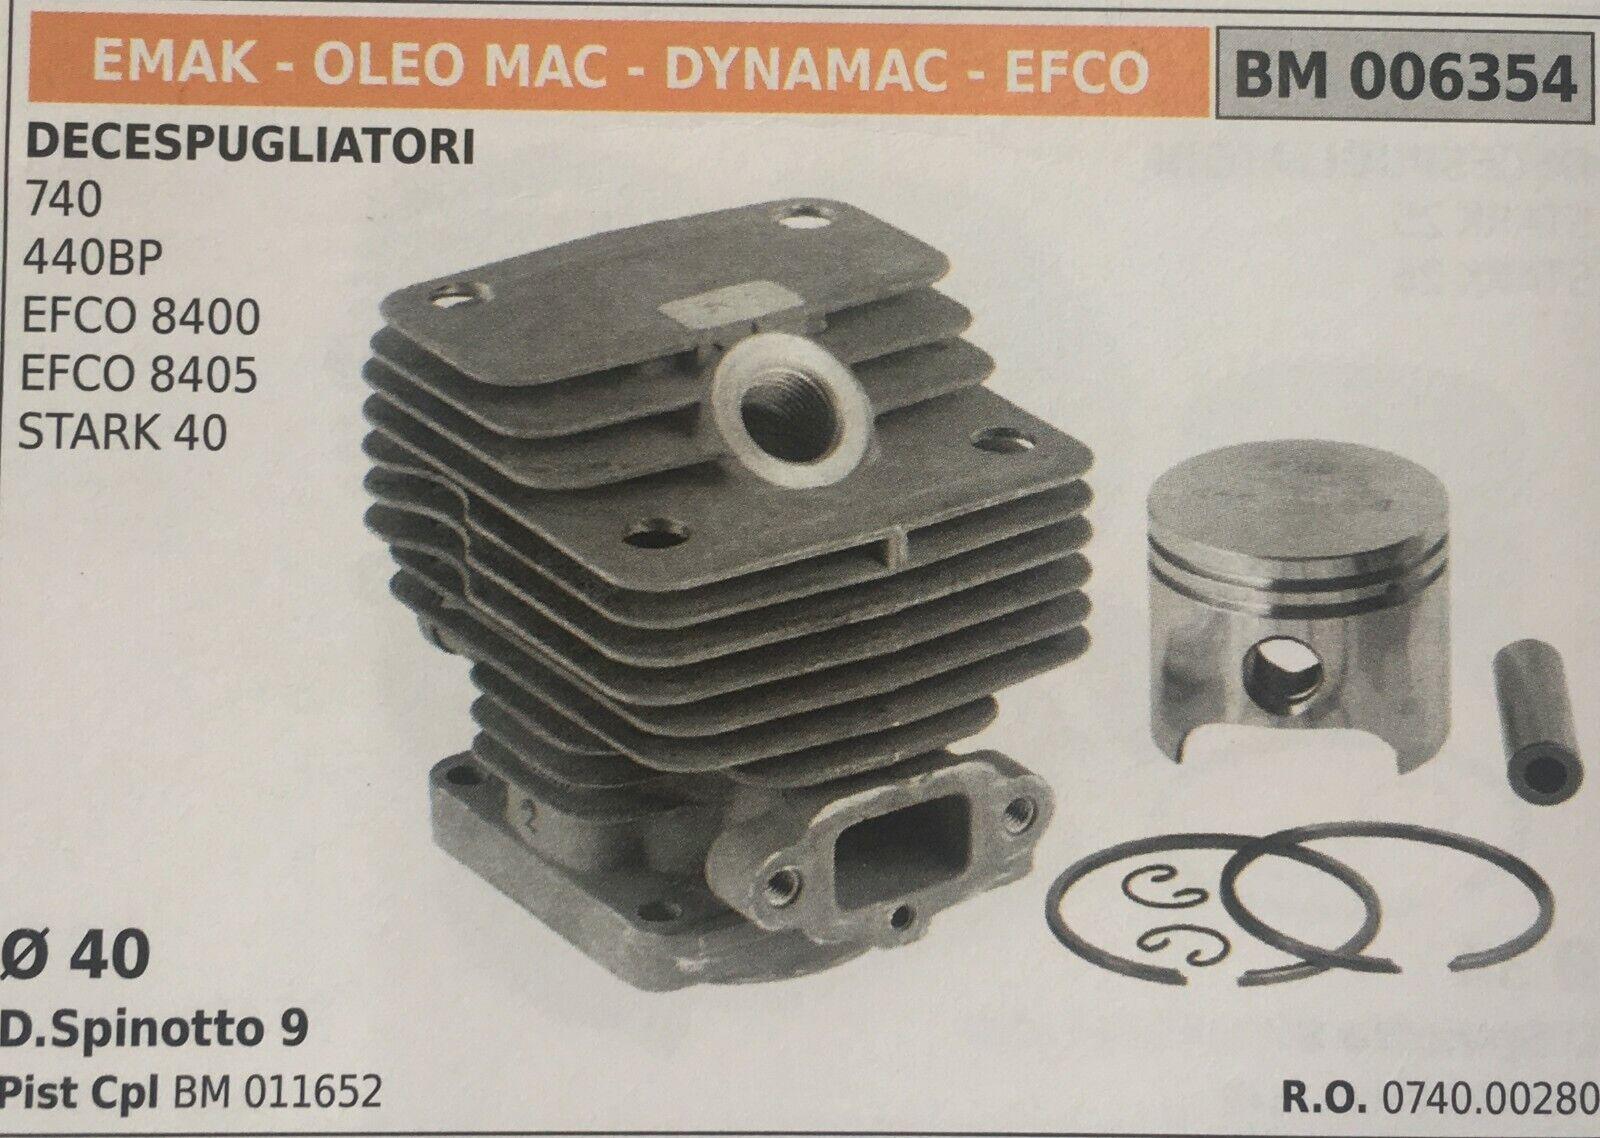 Zylinder Komplett mit Kolben und Segmente Brumar BM006354 Emak-Oleo Mac Andere